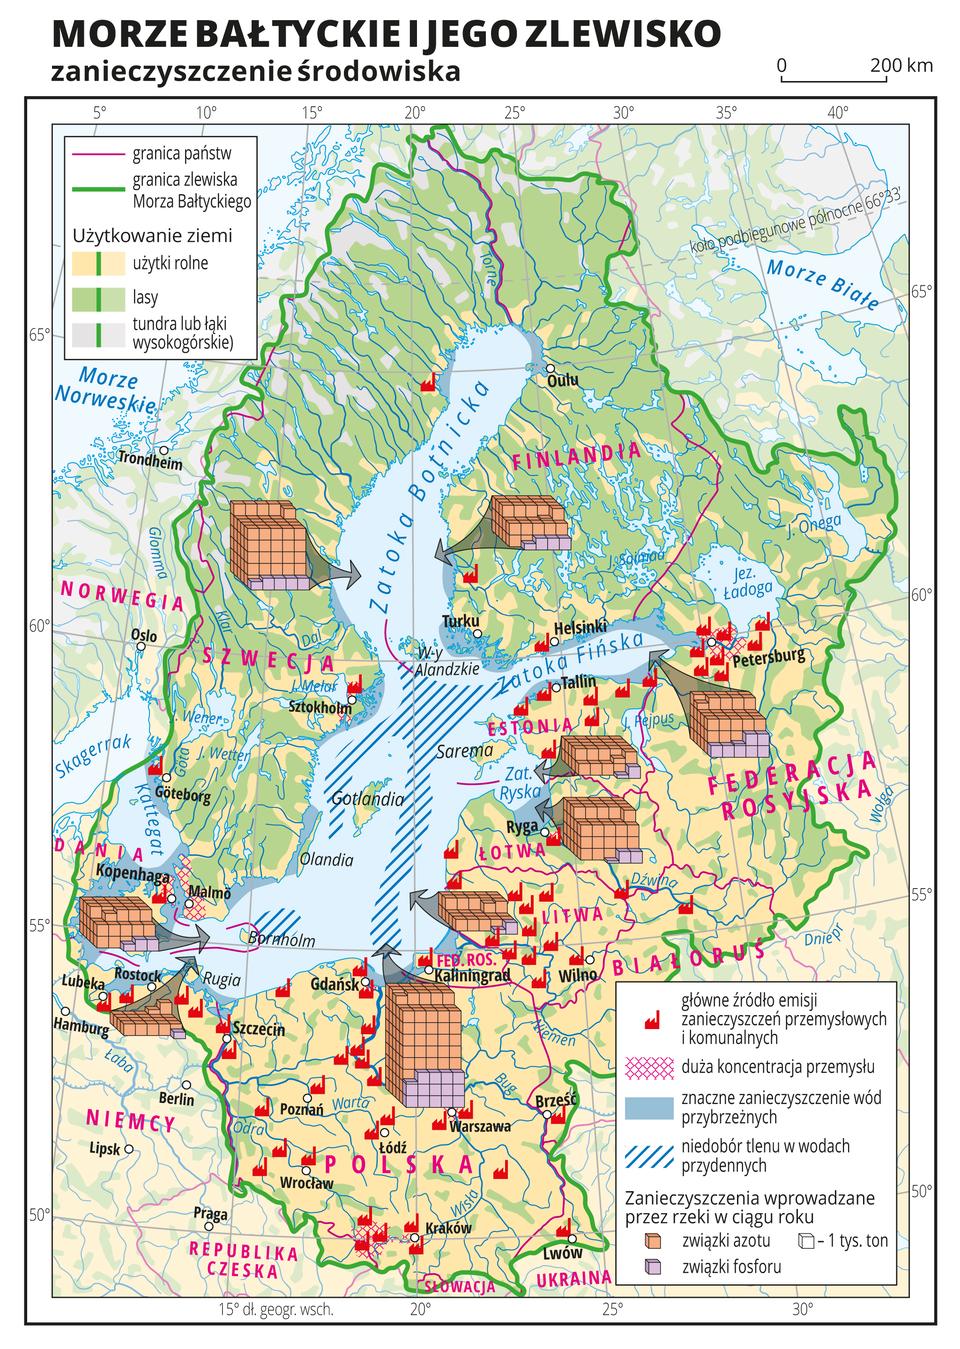 Ilustracja przedstawia mapę Morza Bałtyckiego ijego zlewisko. Na mapie przedstawiono zanieczyszczenie wód Morza Bałtyckiego, jakie dostają się do tam zterenu zlewiska. Tłem mapy są kolory obrazujące użytkowanie ziemi: kolorem zielonym oznaczono lasy – głównie Skandynawia, kolorem żółtym oznaczono użytki rolne – Polska, Dania, Niemcy, Litwa, Łotwa, Estonia. Na mapie opisano nazwy wysp, państw, mórz, zatok, rzek ijezior. Oznaczono białymi kropkami iopisano główne miasta. Czerwonymi liniami zaznaczono granice między państwami, azieloną linią oznaczono granicę zlewiska Morza Bałtyckiego. Za pomocą sygnatury fabryki przedstawiono główne źródła emisji zanieczyszczeń przemysłowych ikomunalnych, czerwonym kreskowaniem zaznaczono obszary odużej koncentracji przemysłu. Za pomocą diagramów przedstawiono wielkość zanieczyszczeń wprowadzanych do Morza Bałtyckiego przez rzeki wposzczególnych państwach. Największy diagram jest umieszczony na terenie Polski, adalej Szwecji, Łotwy iFederacji Rosyjskiej. Najmniej zanieczyszczeń wprowadzają do Morza Bałtyckiego rzeki zterenu Niemiec. Kolorem niebieskim oznaczono duże zanieczyszczenia wód przybrzeżnych: Zatoka Fińska, Cieśnina Kattegat, Zatoka Ryska, Zatoka Gdańska. Niedobór tlenu wwodach przydennych oznaczono niebieskim kreskowaniem. Występuje on wcentralnej części Morza Bałtyckiego.Mapa pokryta jest równoleżnikami ipołudnikami. Dookoła mapy wbiałej ramce opisano współrzędne geograficzne co pięć stopni. Wlegendzie umieszczono iopisano znaki ikolory użyte na mapie.